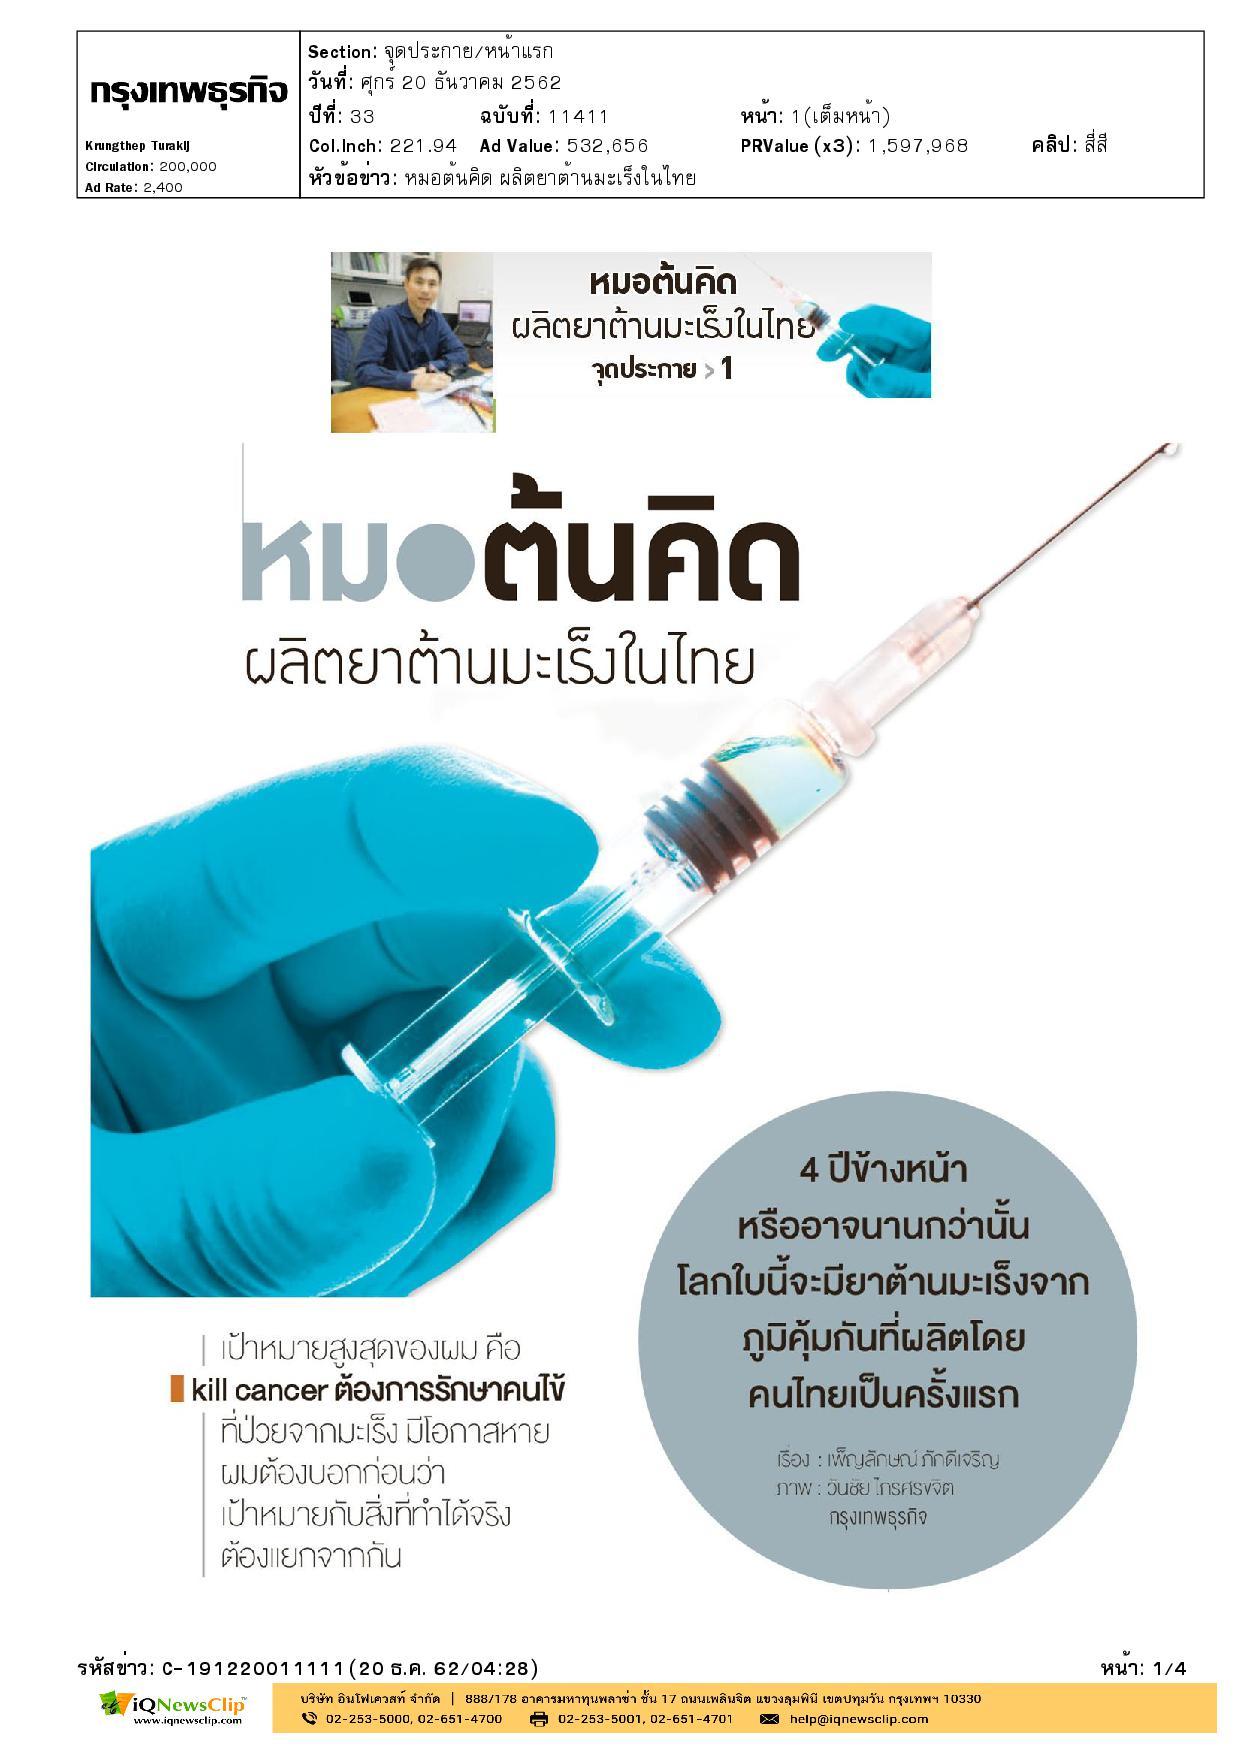 บทความเรื่อง หมอต้นคิด ผลิตยาต้านมะเร็งในไทย